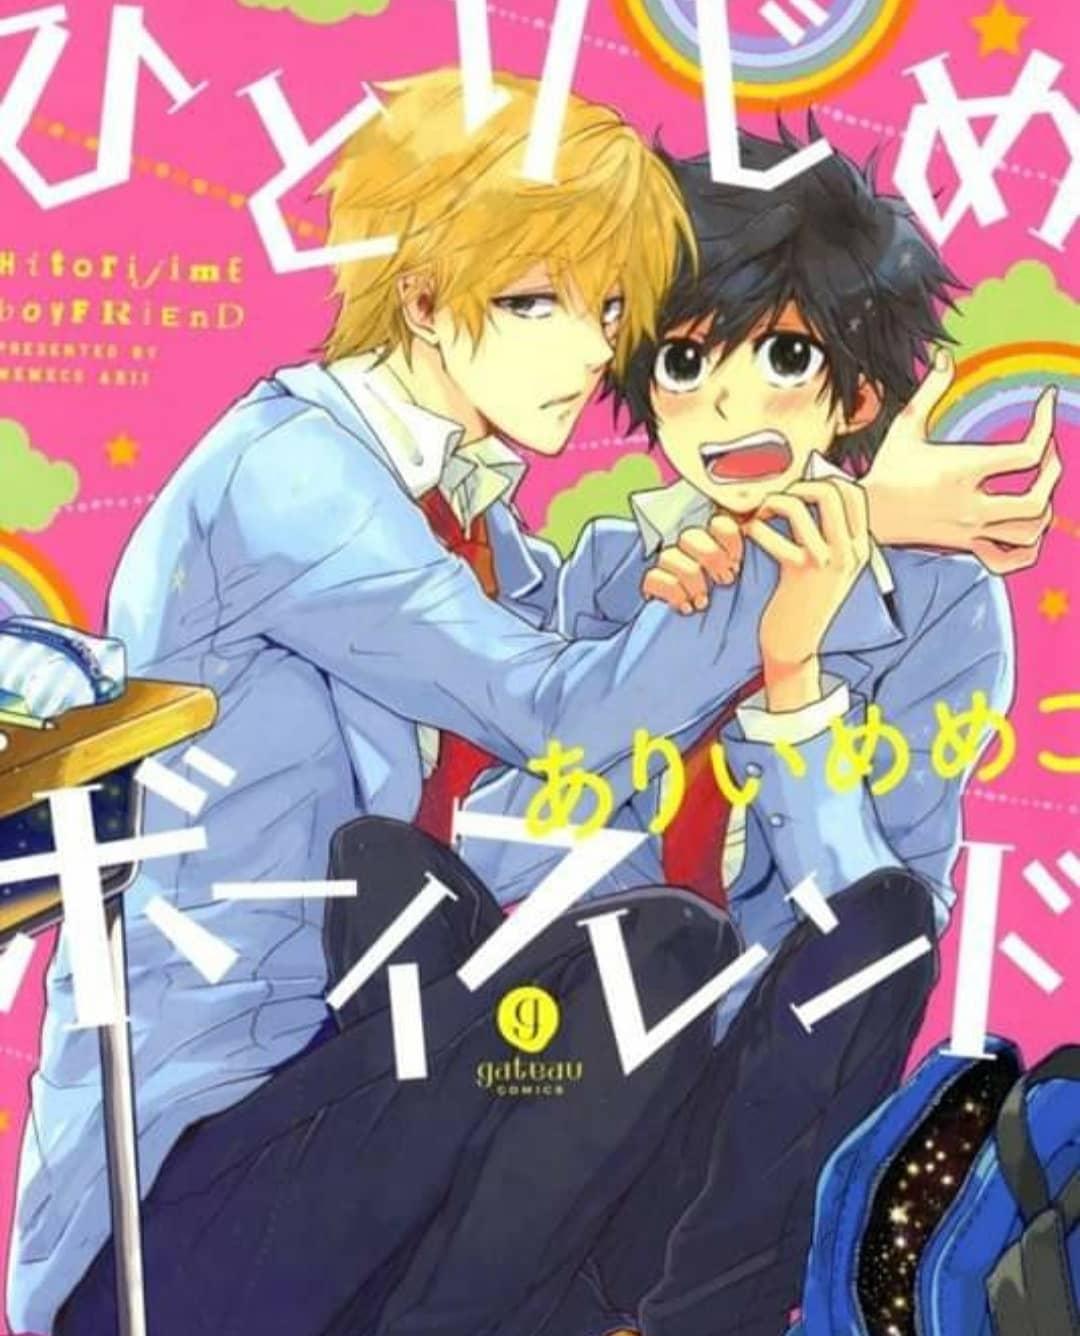 Le novità manga annunciate ieri da Star Comics – parte 2